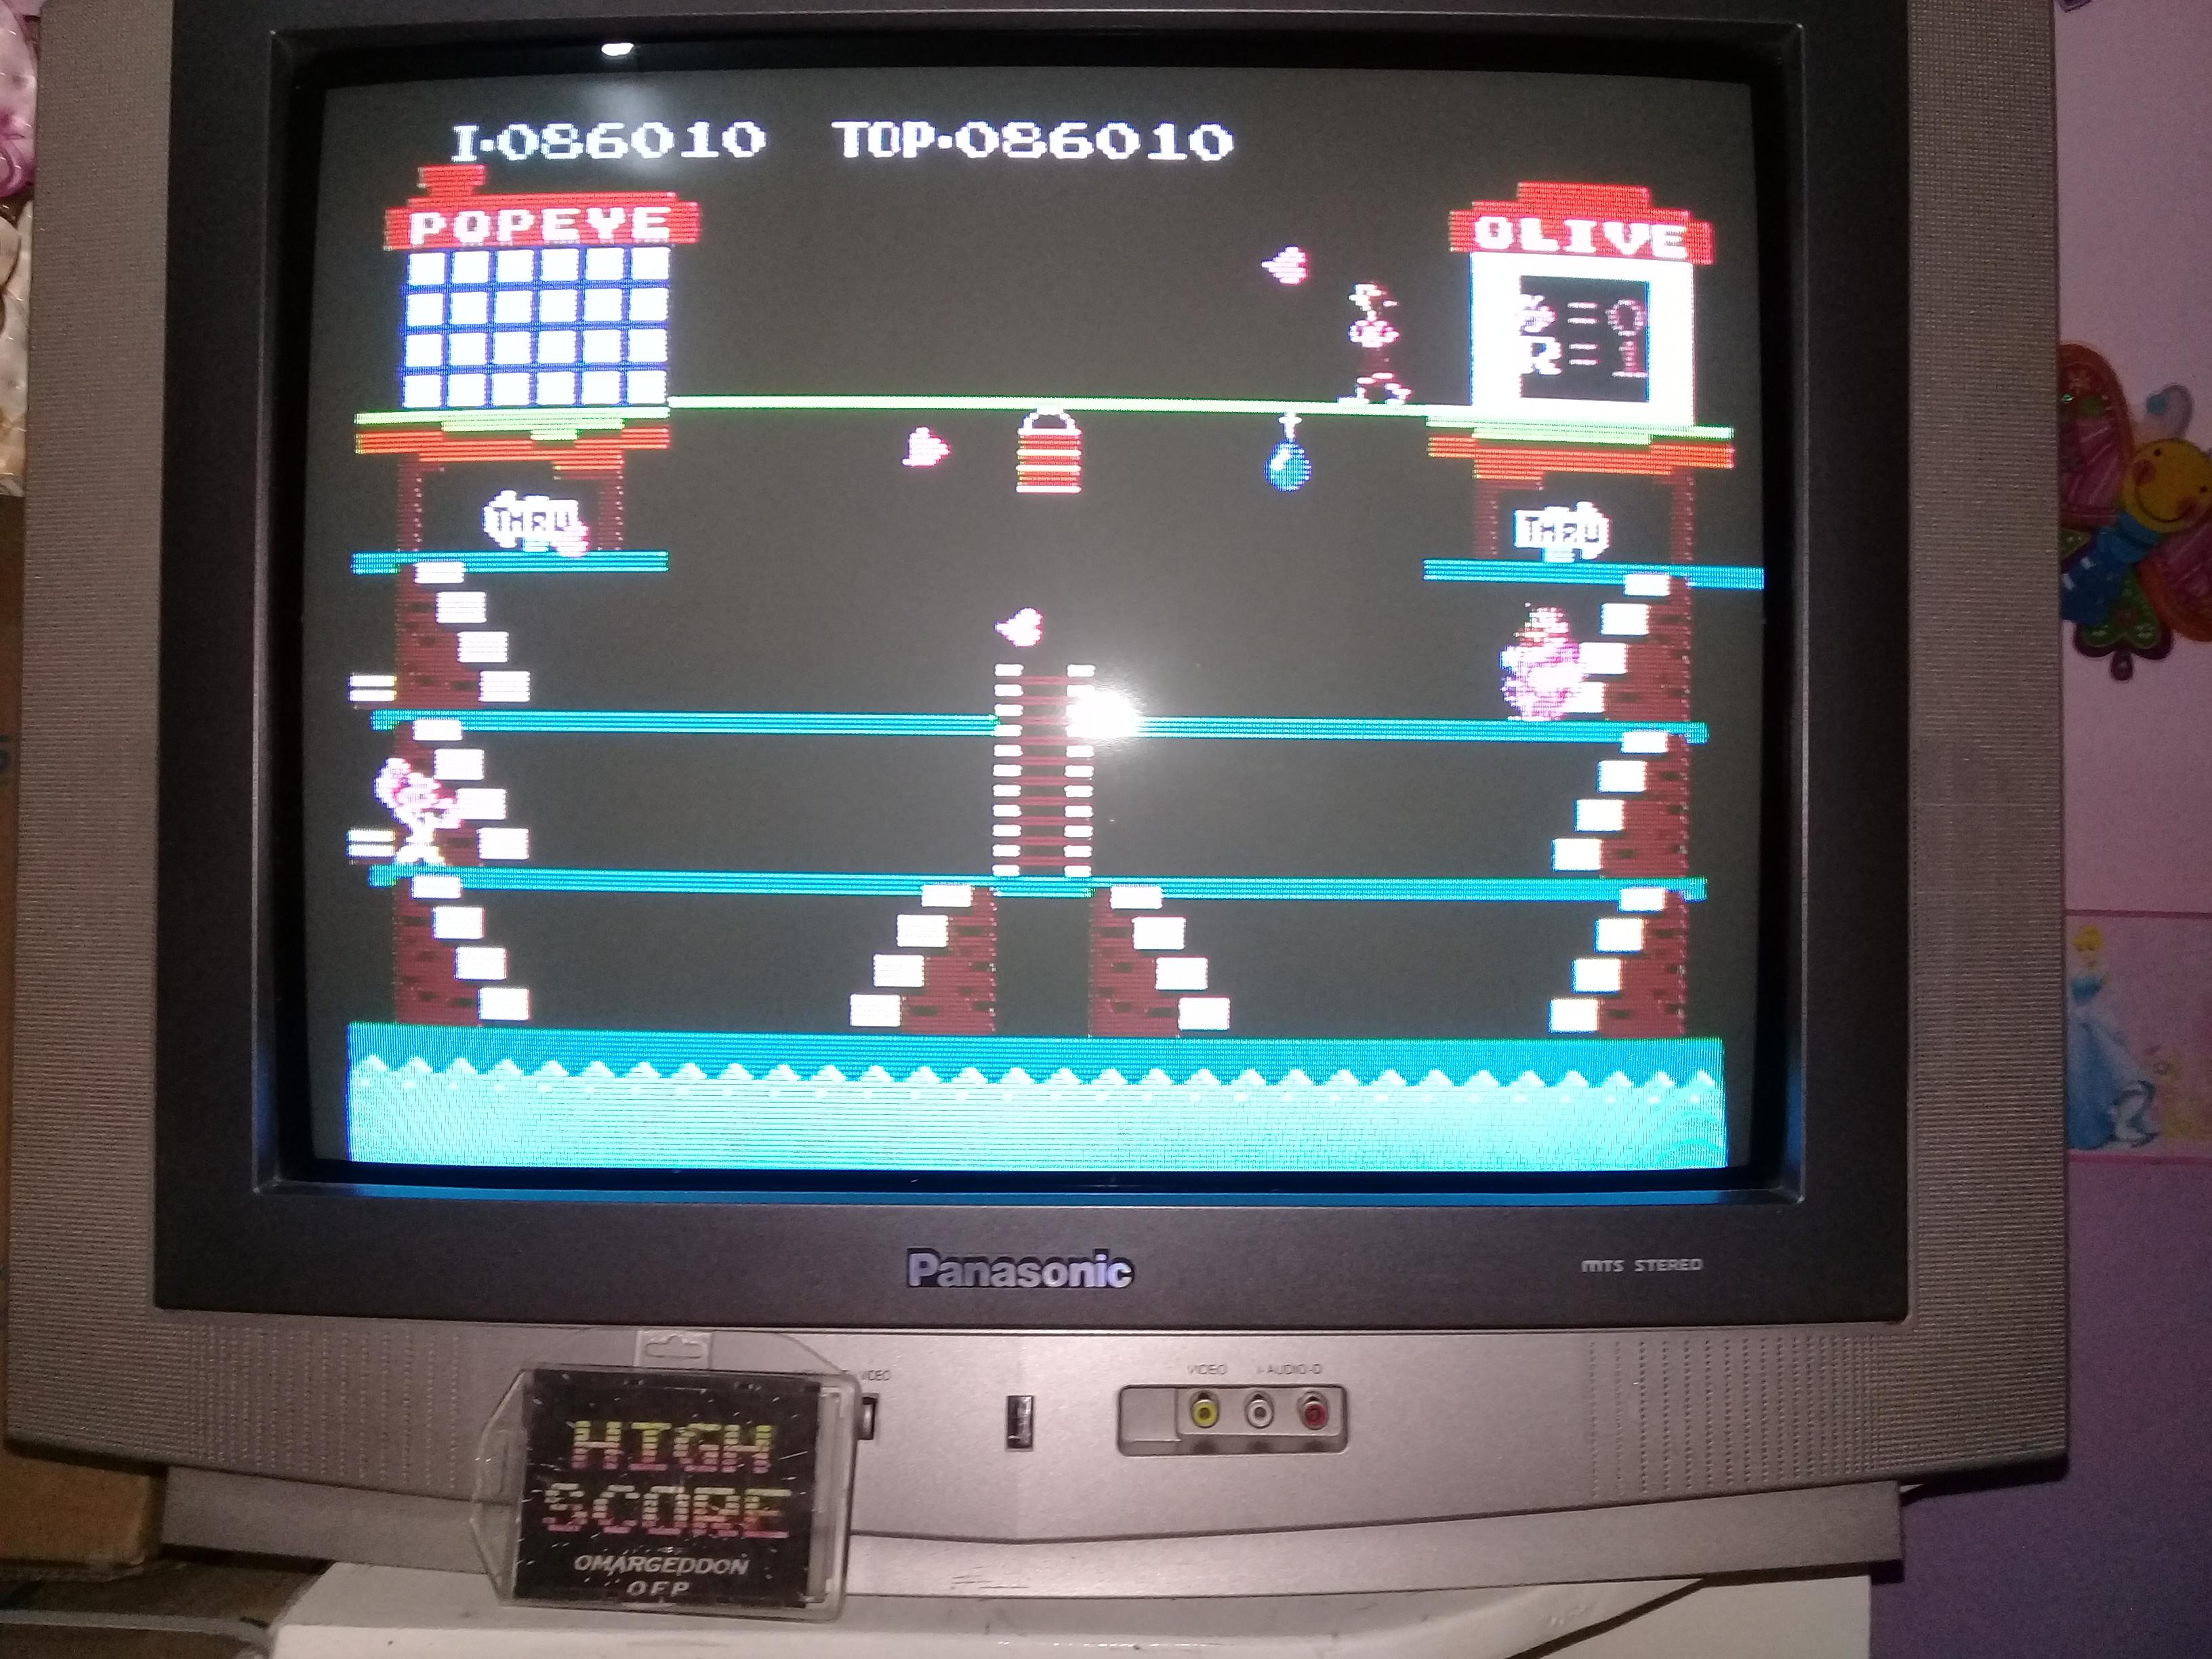 omargeddon: Popeye (NES/Famicom) 86,010 points on 2019-03-25 20:26:12